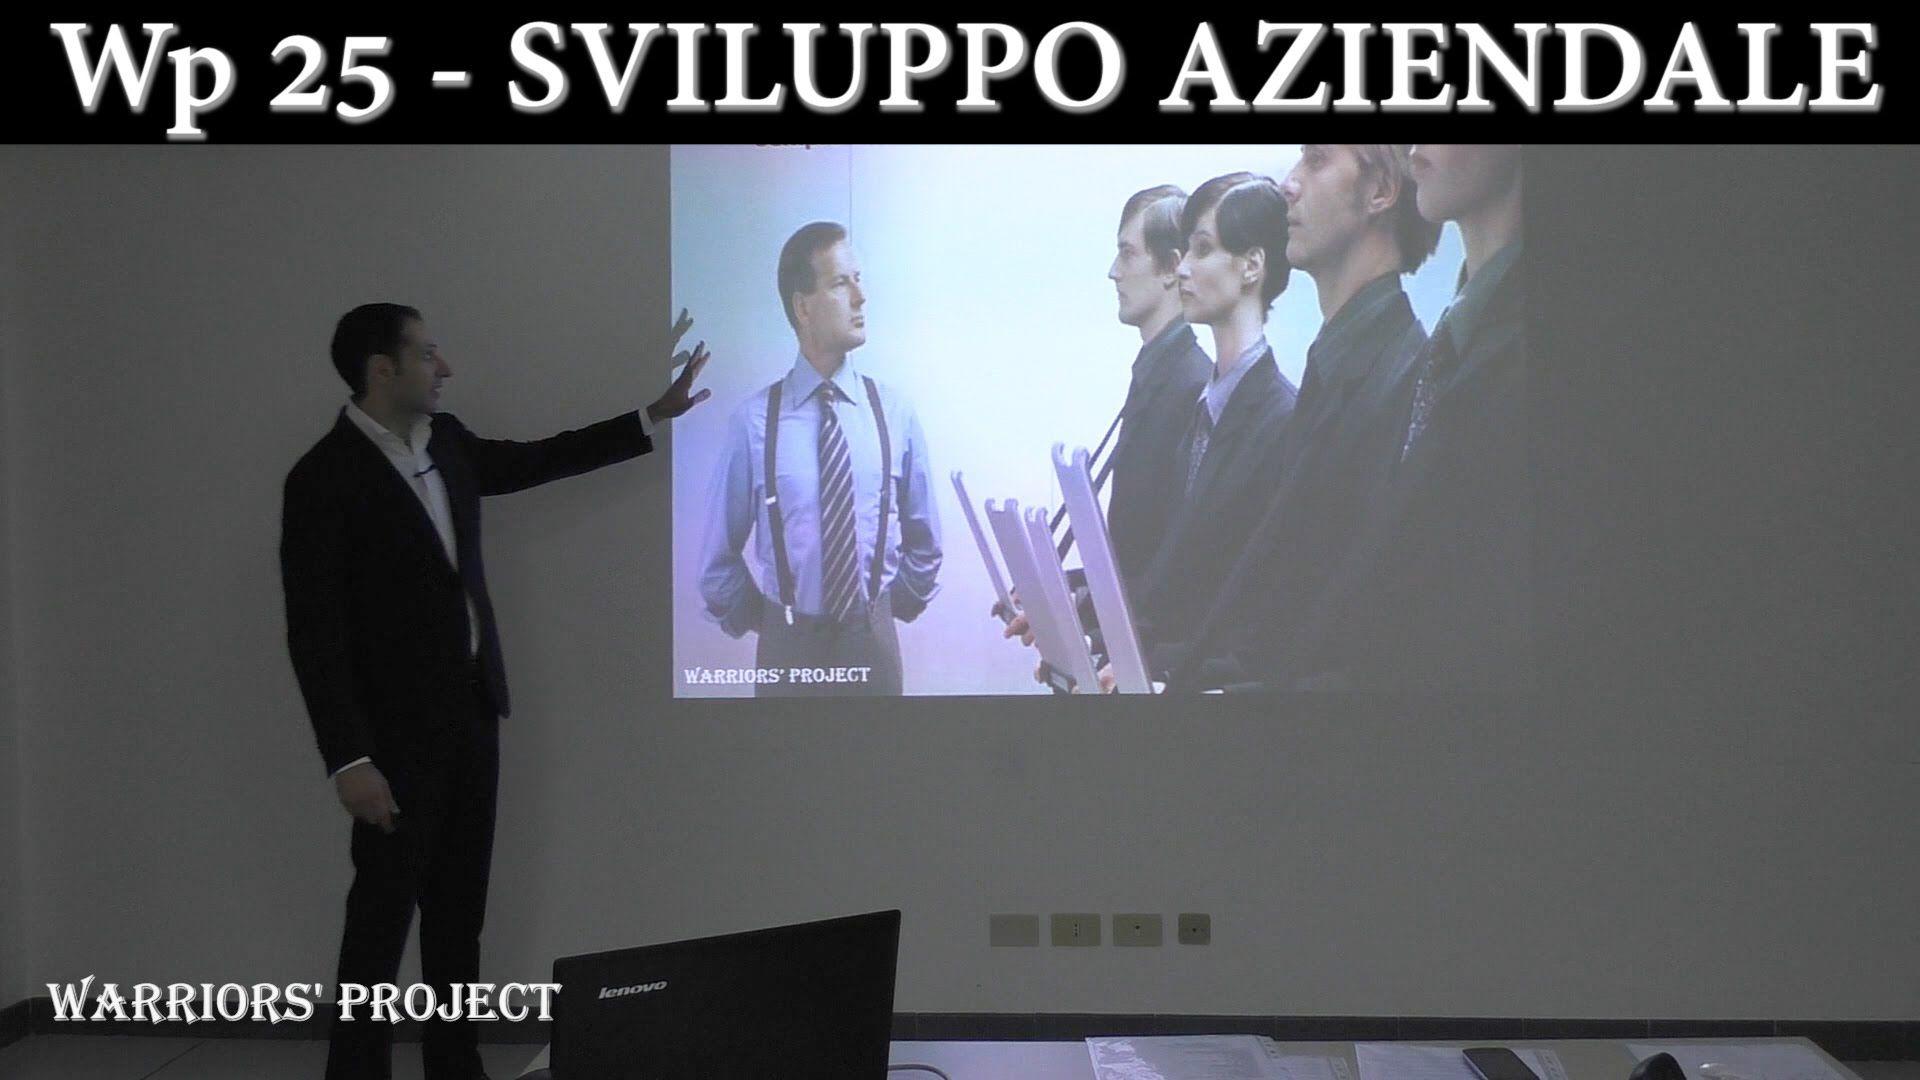 Wp 25 - Sviluppo aziendale